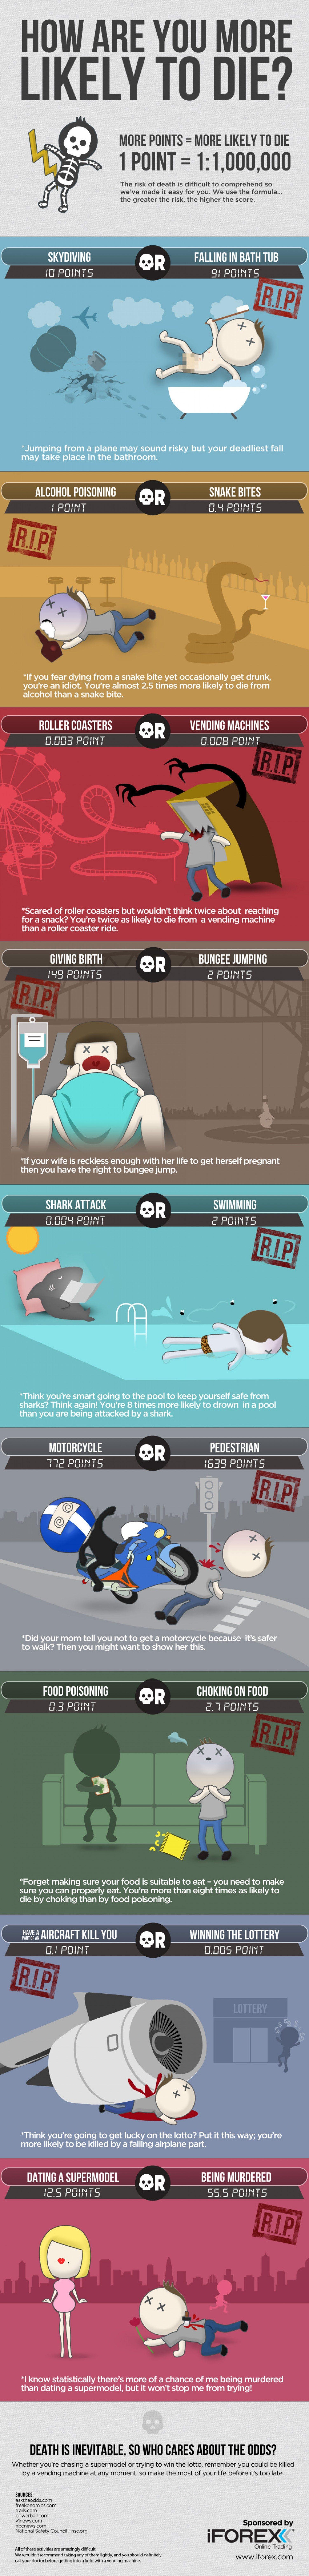 hur stor är risken att dö i en bilolycka